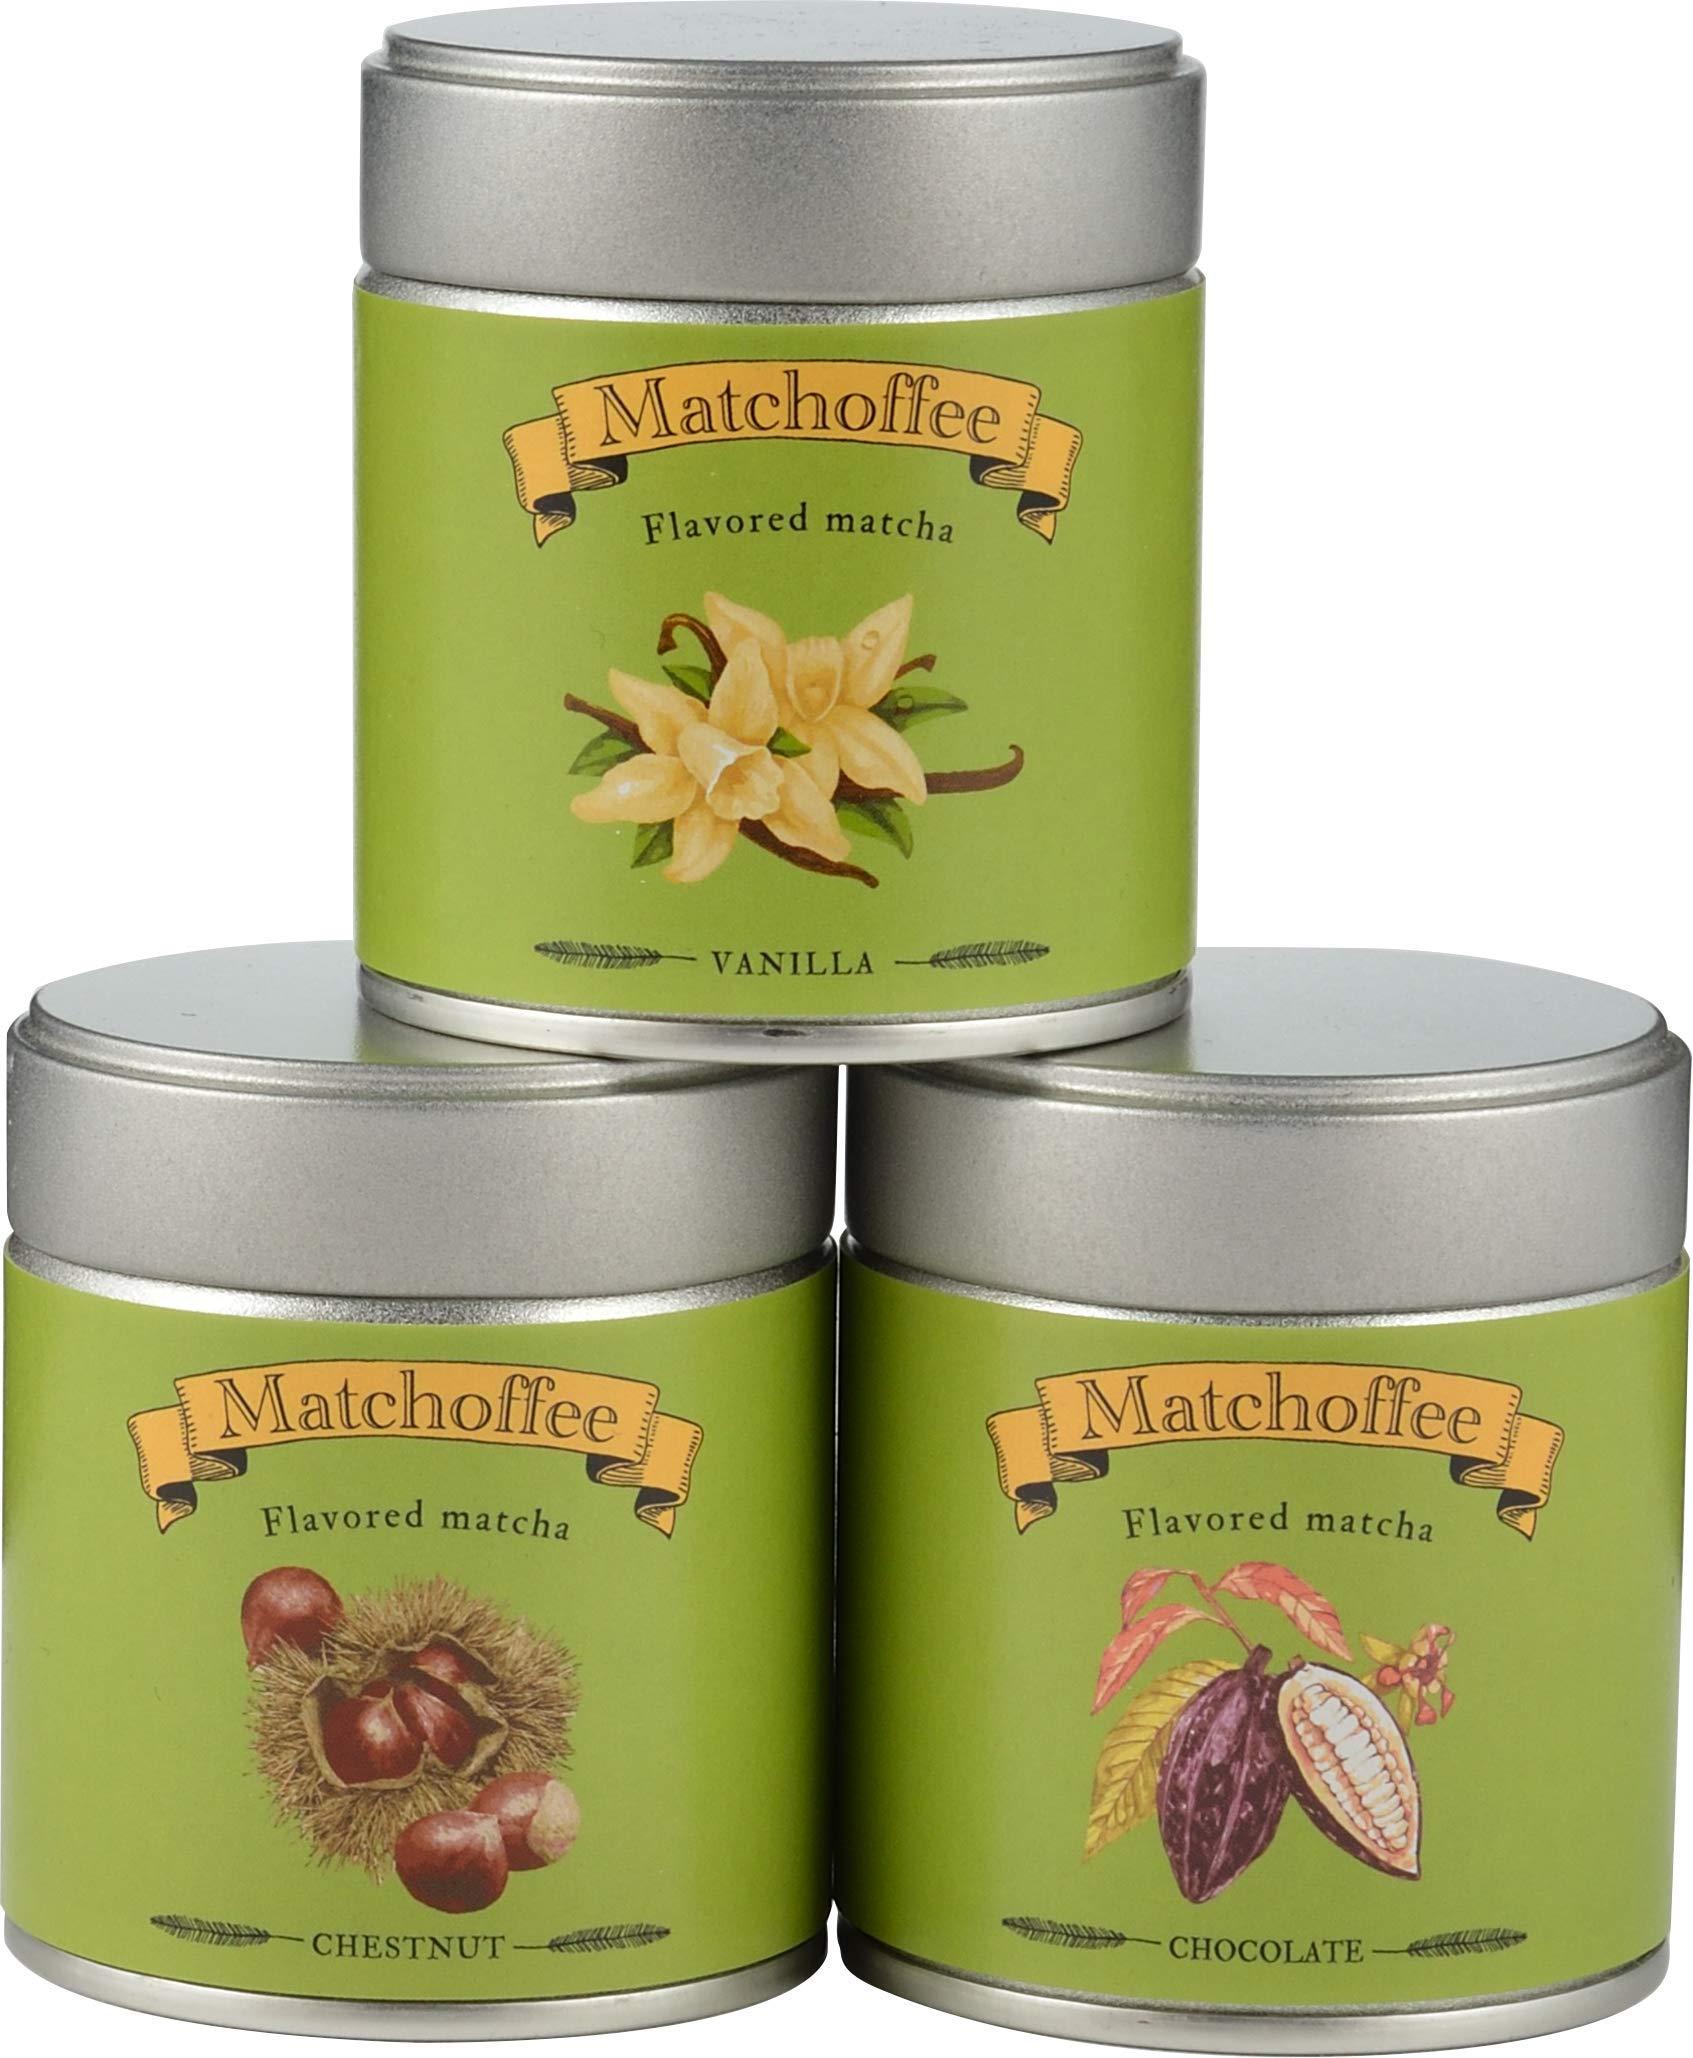 3-Dosen-Zeremonieller-Matcha-Grner-Tee-Pulver-Geschenkbox-3-Geschmacksrichtungen-60-g-Vanille-Schokolade-Kastanie-Hochwertiger-japanischer-Matcha-aus-biologischen-Teeblttern